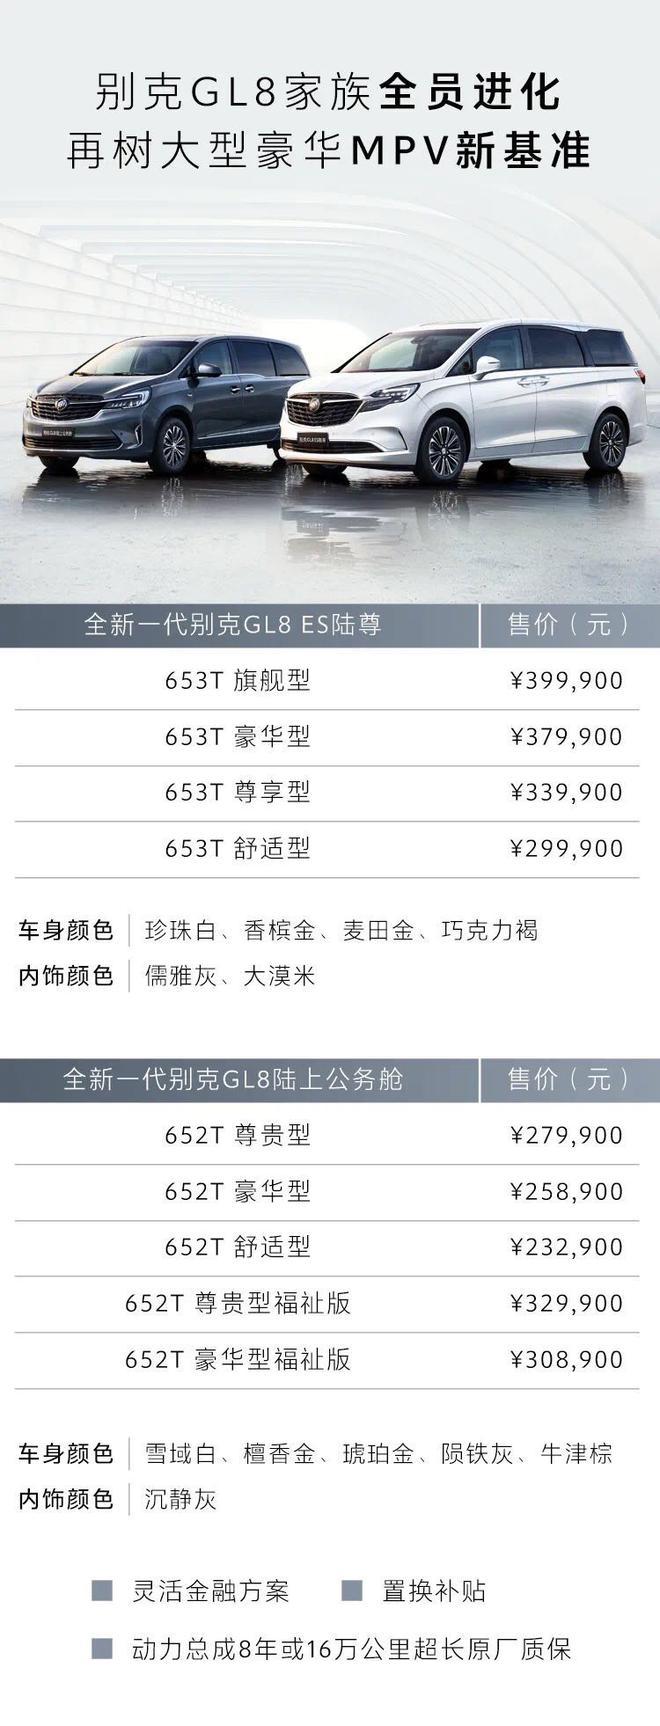 別克GL8家族新成員正式上市 售價23.29萬元起